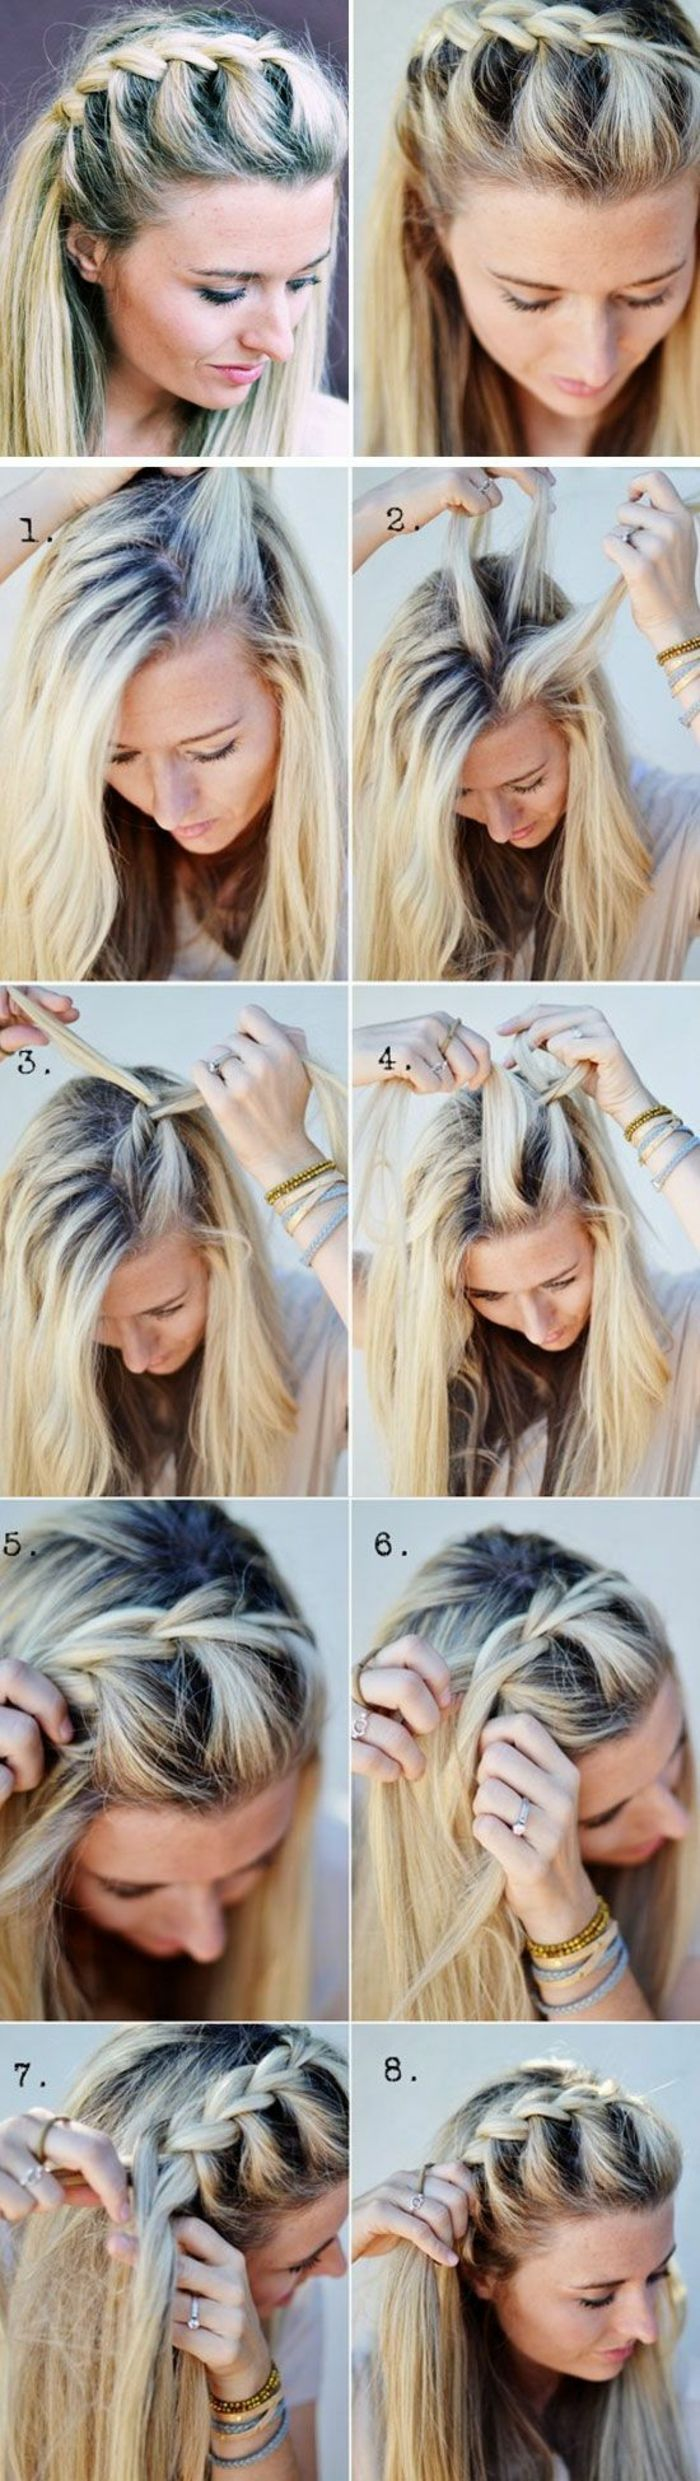 haare flechten   mittellange blonde haare, schöne frisur mit zopf